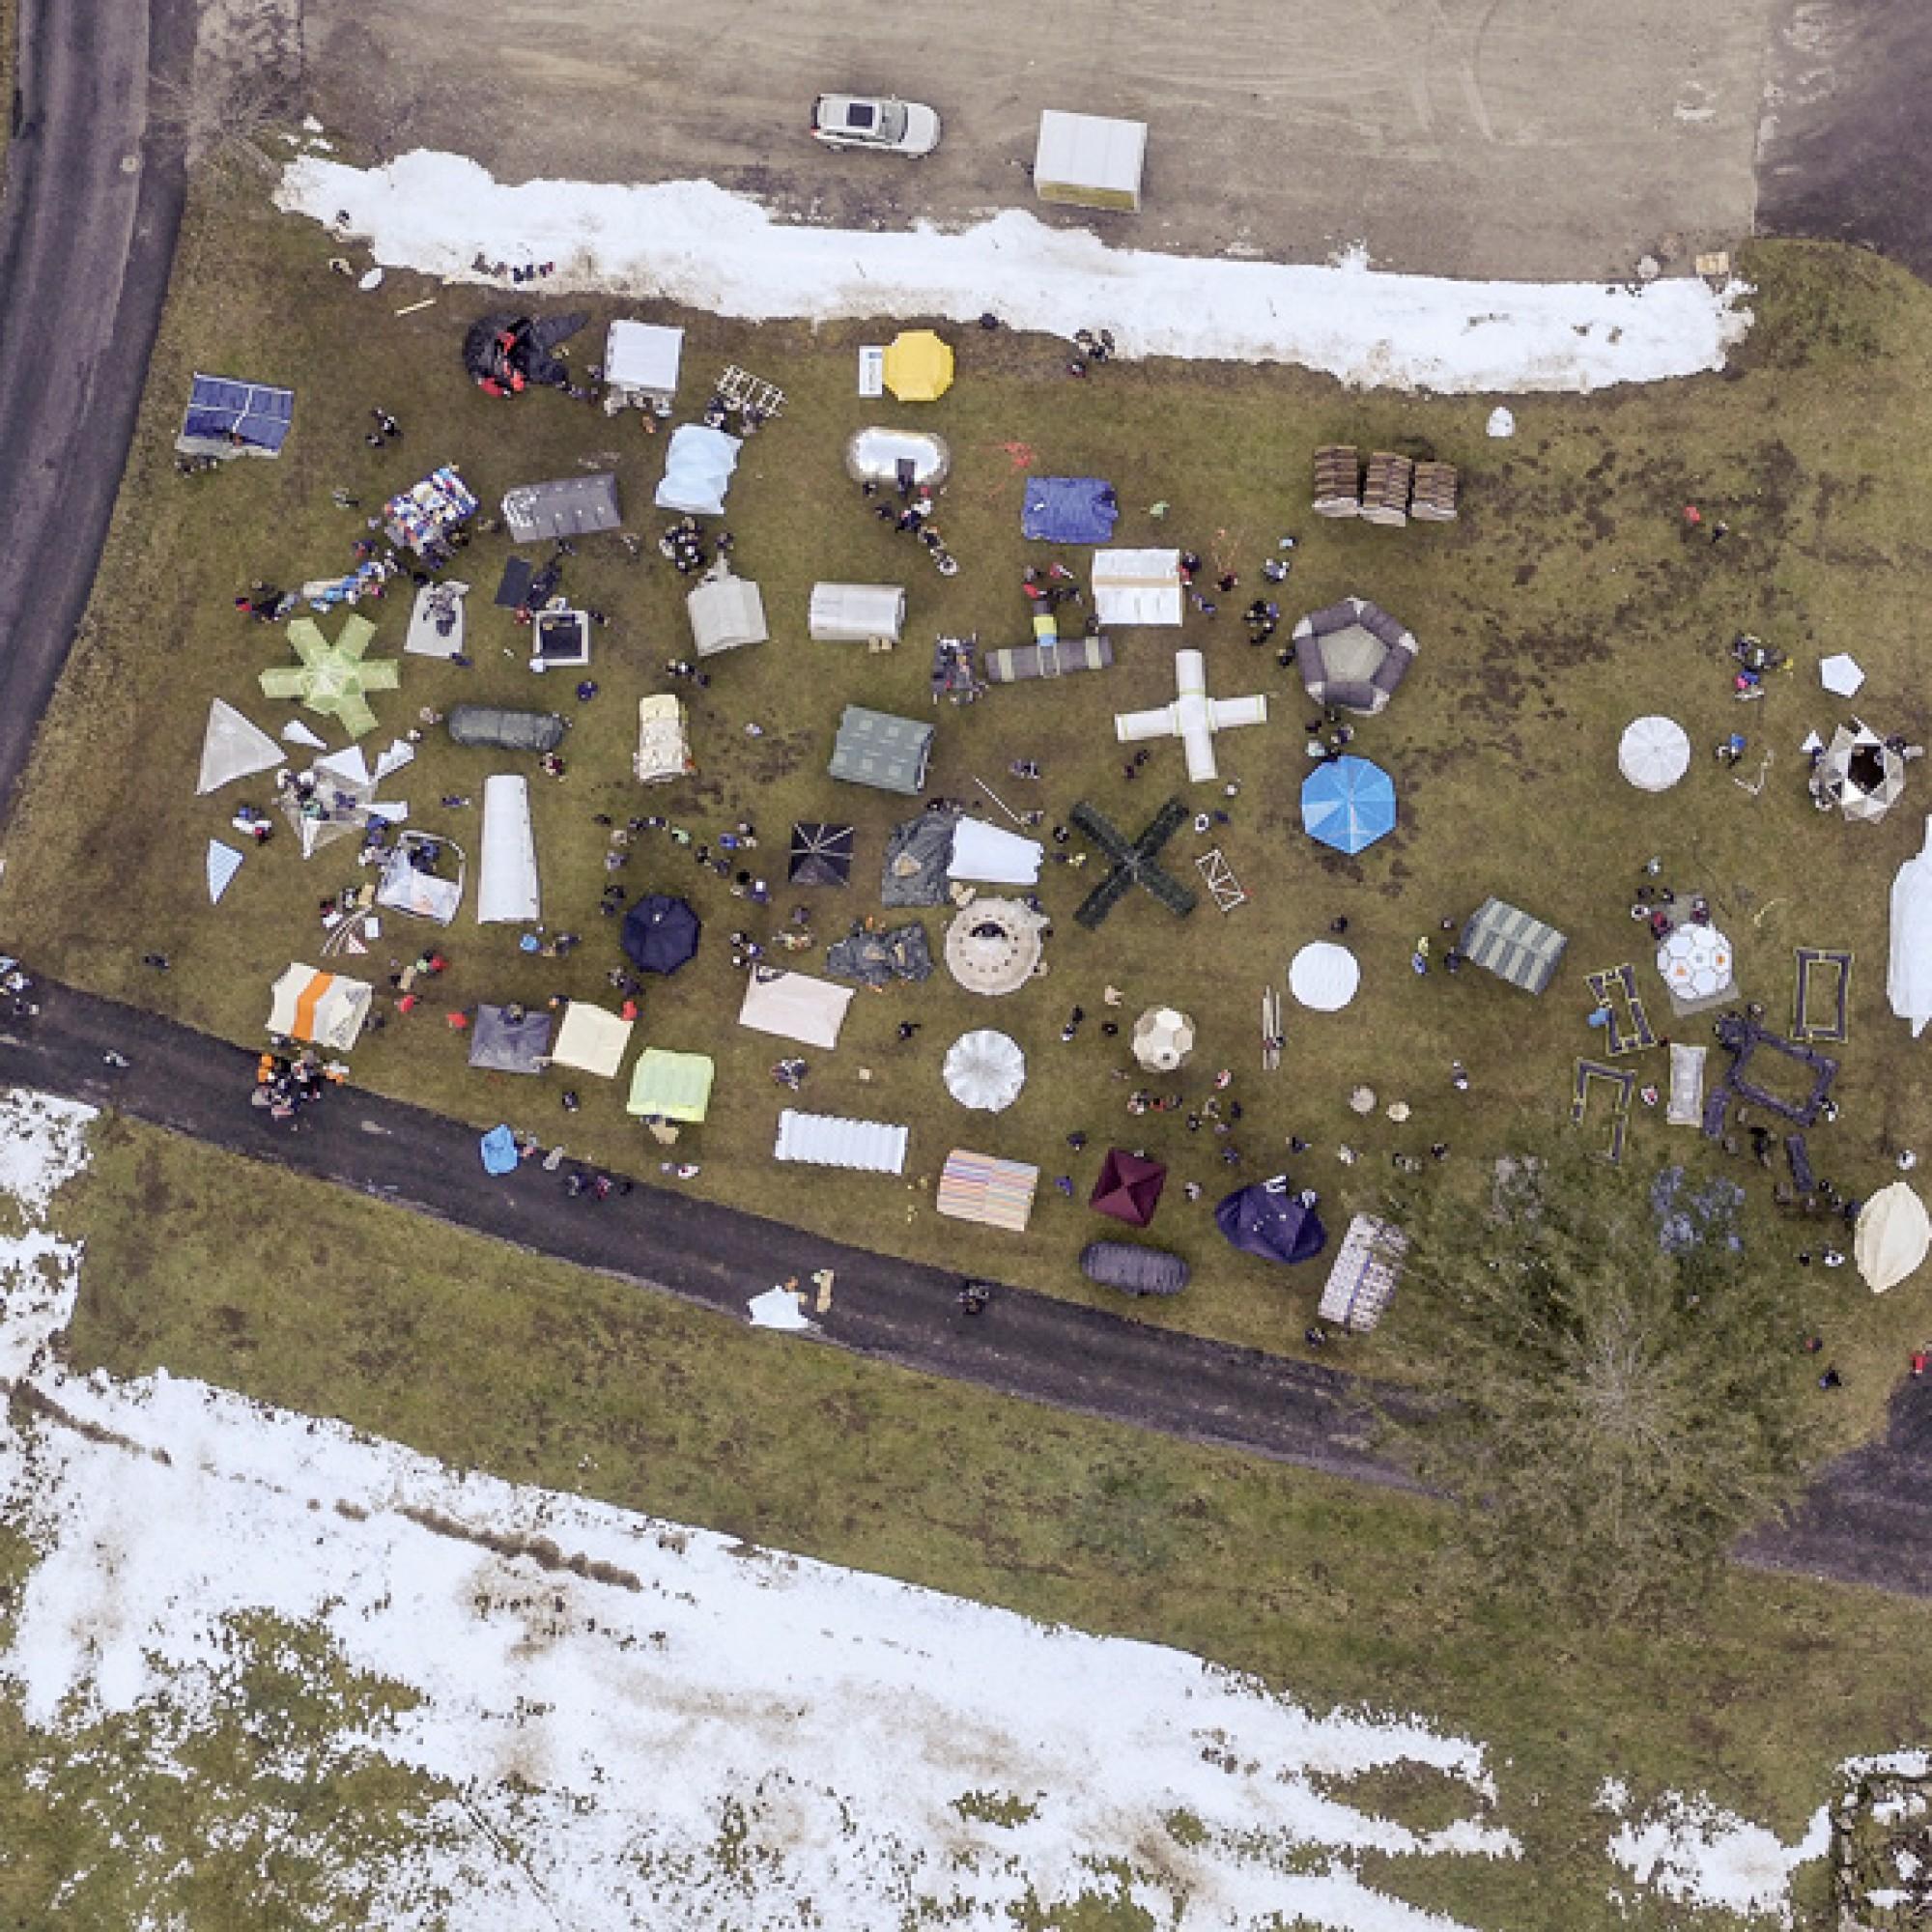 Viele, viele bunte Biwaks: das Basislager. (Daniel von Känel / HSLU)